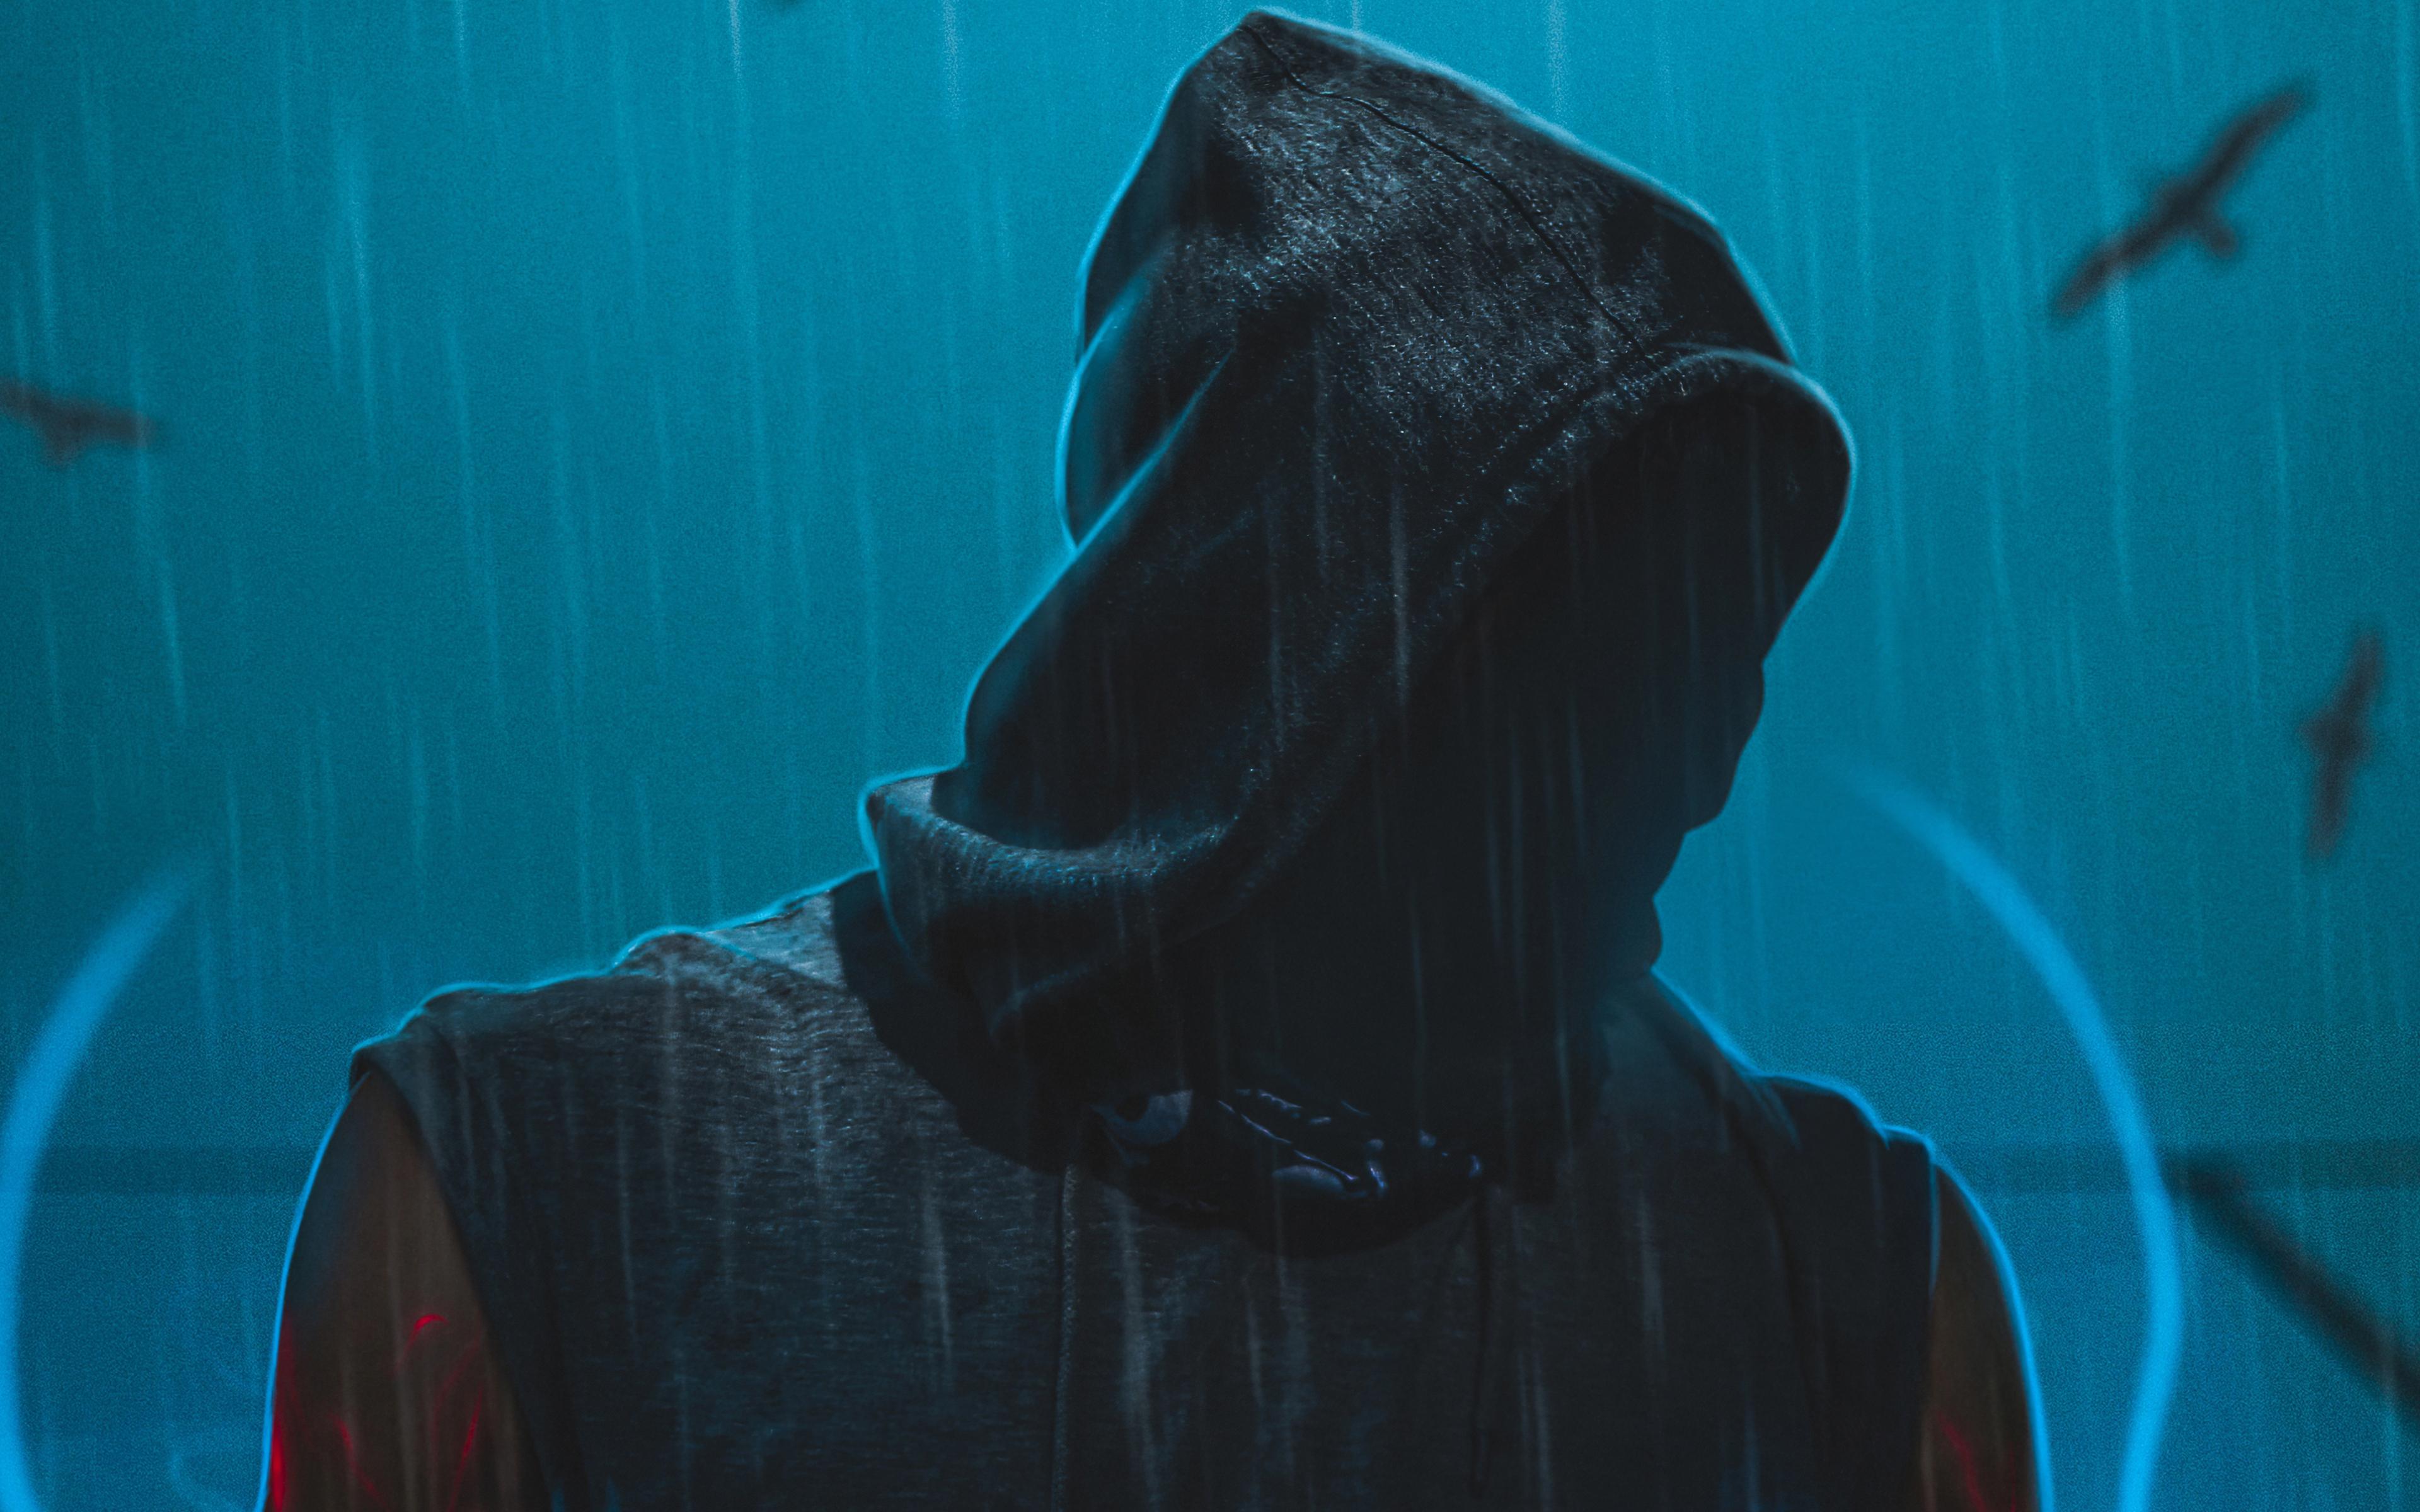 hoodie-man-powers-4k-rf.jpg